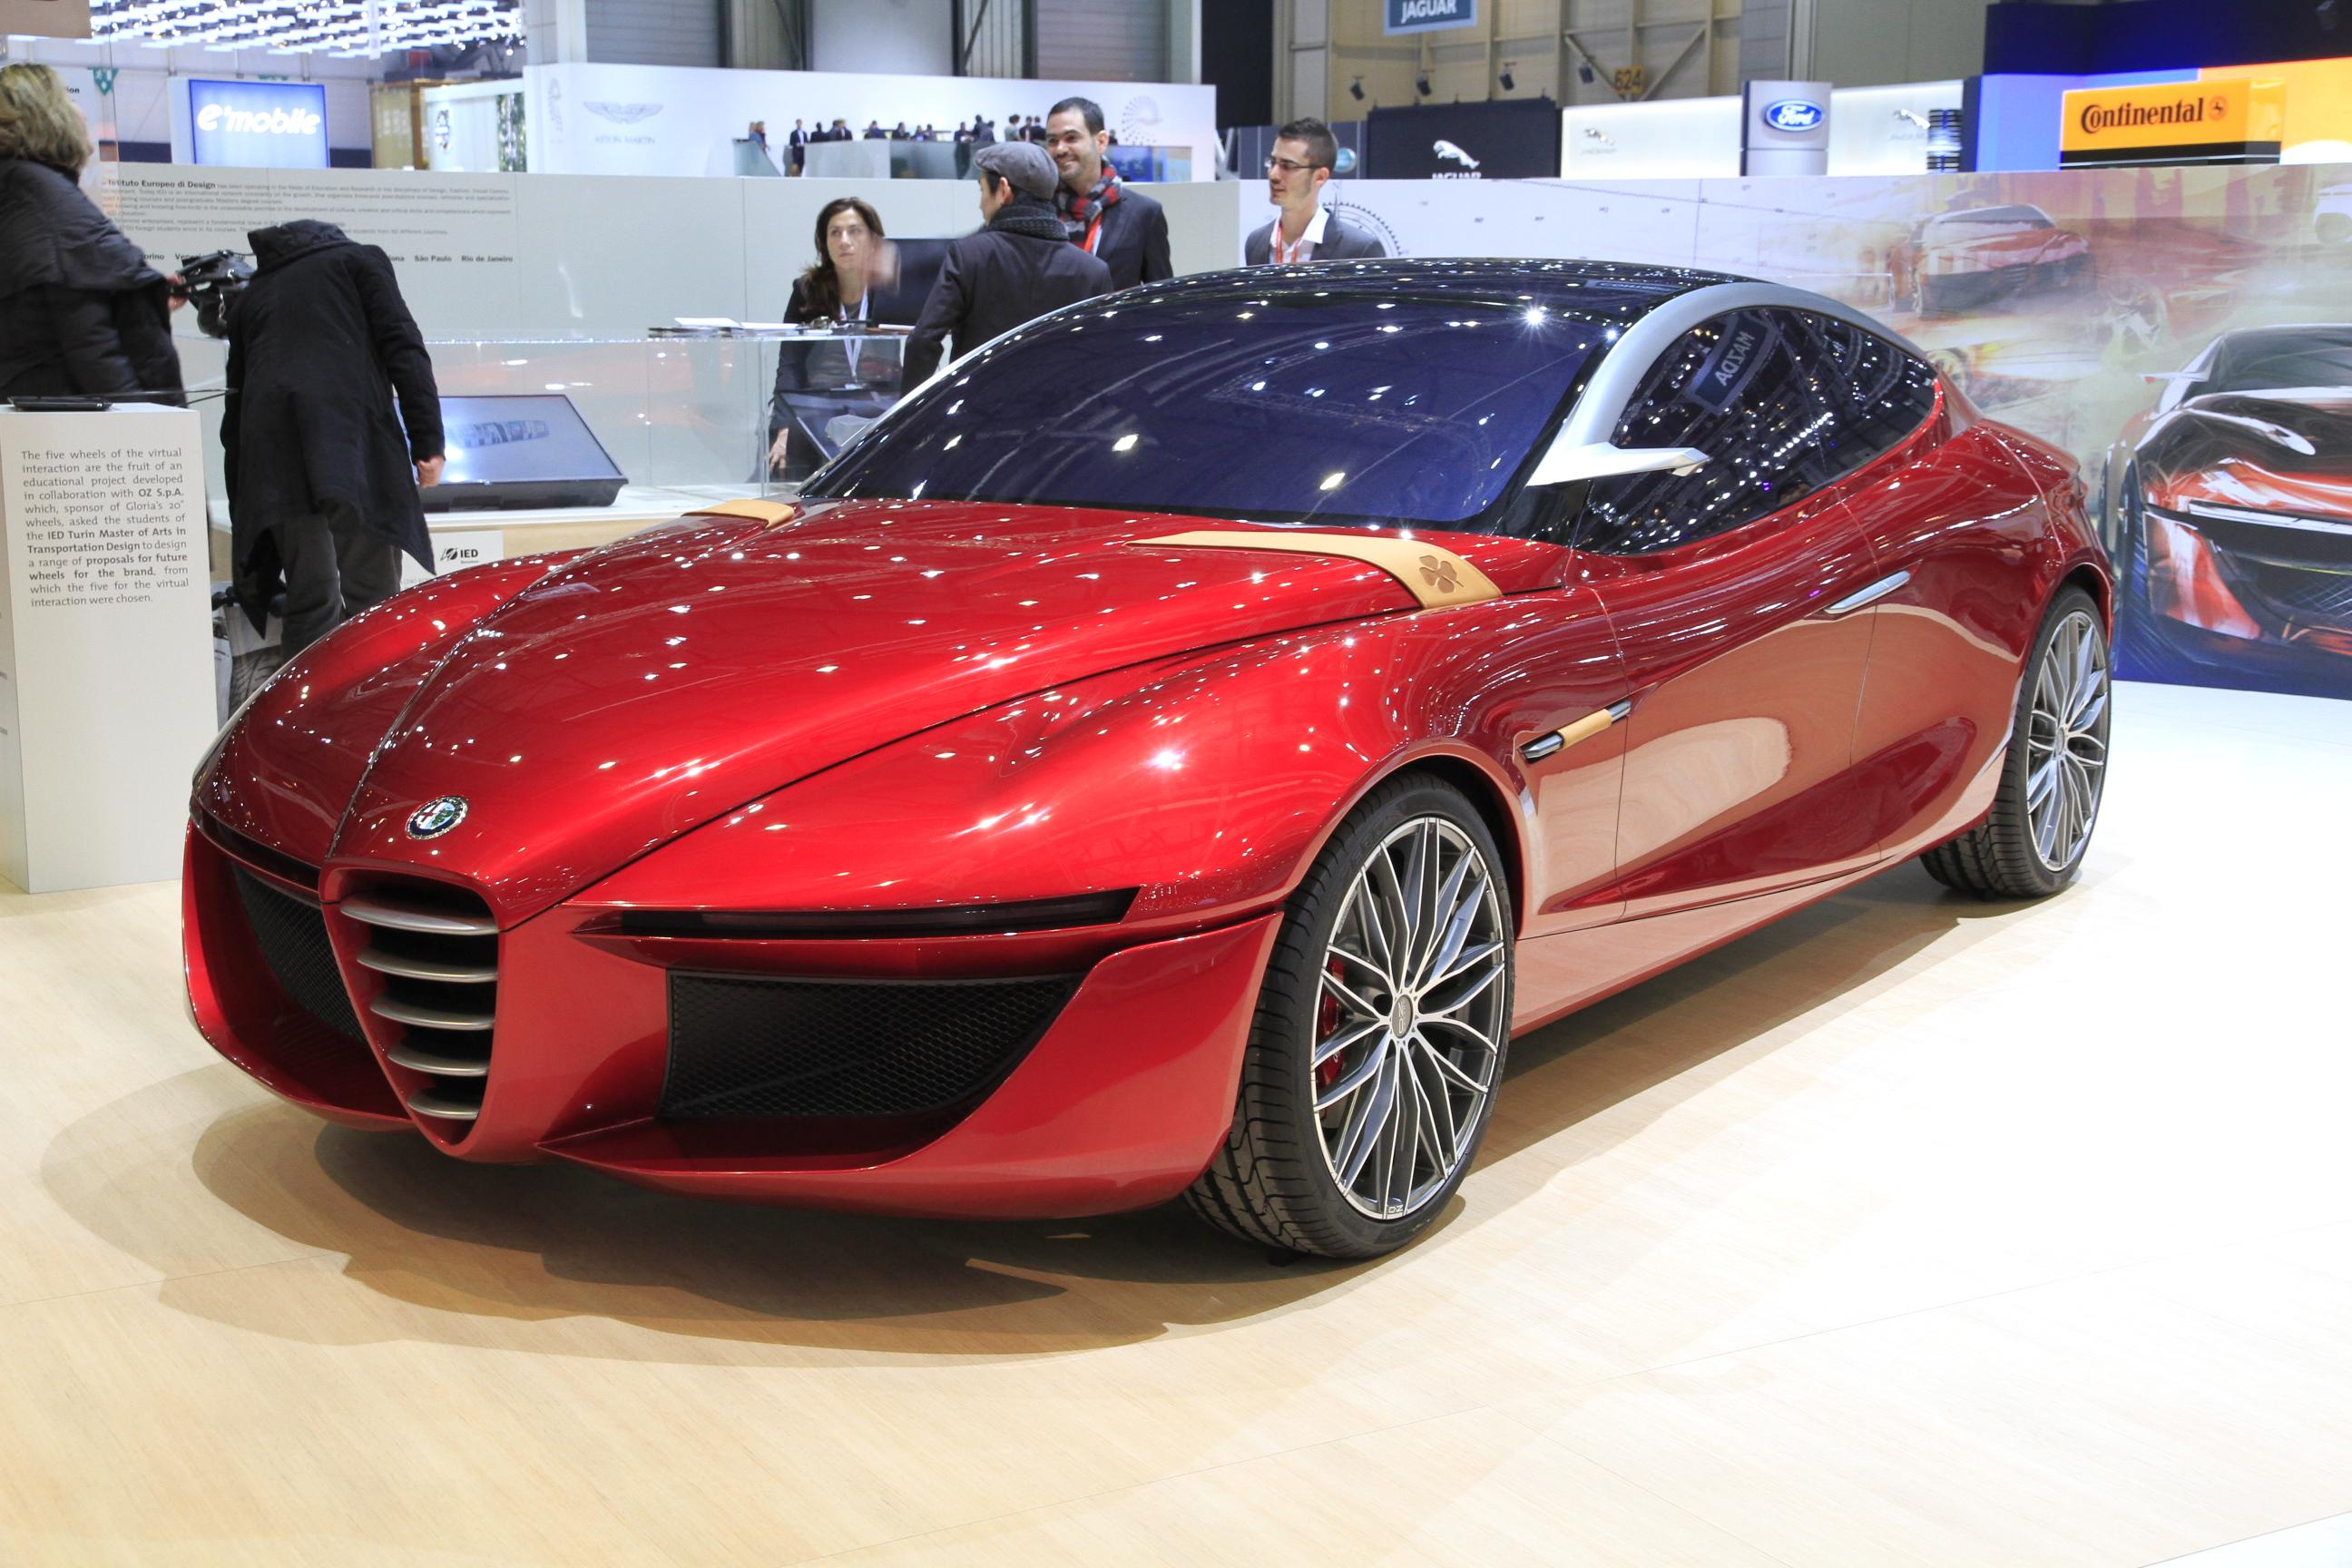 http://images.caradisiac.com/images/5/0/2/3/85023/S0-En-direct-de-Geneve-2013-Alfa-Romeo-Gloria-concept-Giulia-es-tu-la-288033.jpg